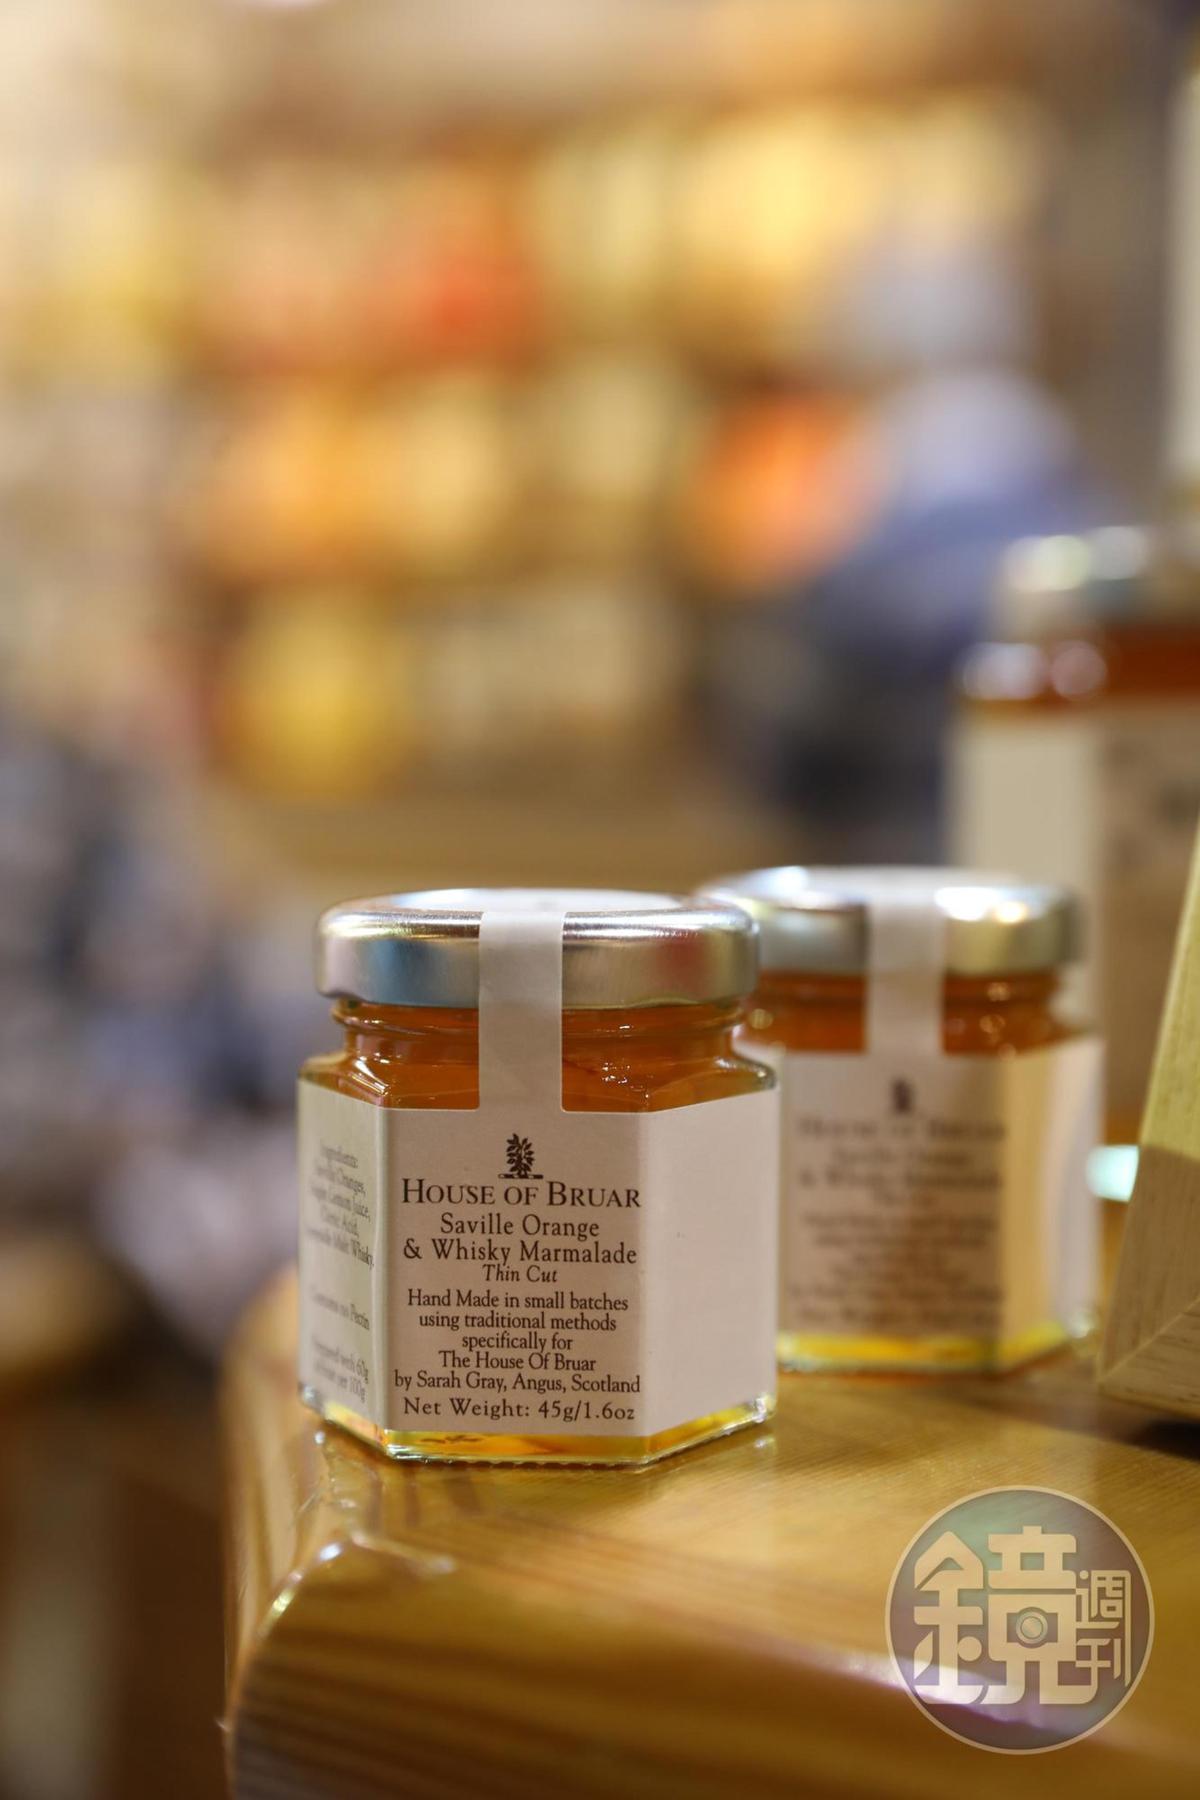 加了威士忌的蜂蜜抹醬,很有斯貝賽的特色。